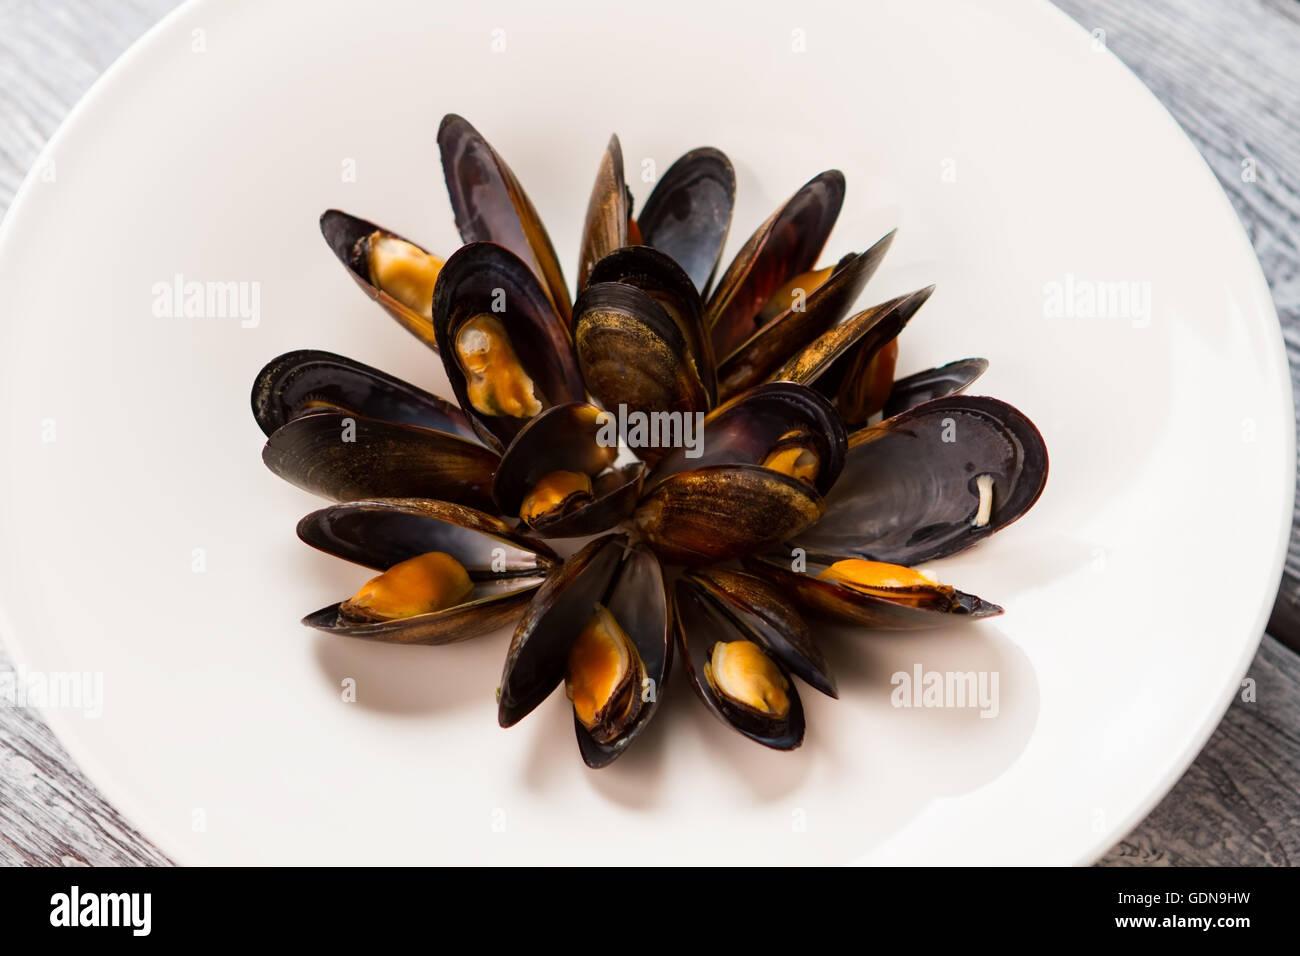 Gekochte Muscheln auf einem Teller. Stockbild